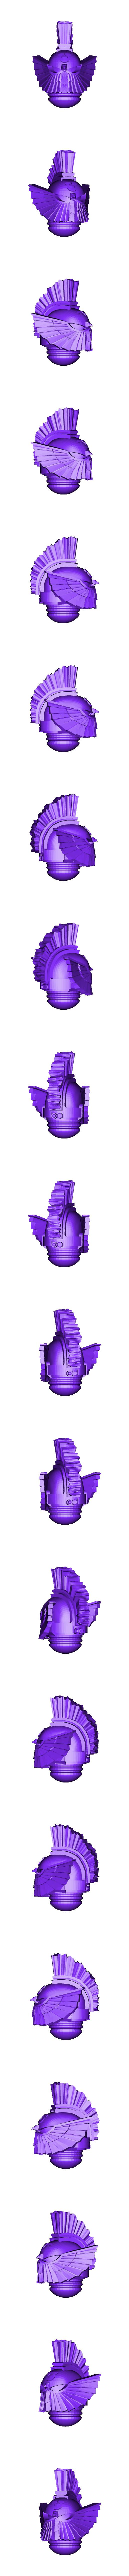 eagle_head_legate_ultima.stl Download STL file Ultra Chapter Bladeguard/Terminator upgrade set • 3D printer design, vb2341